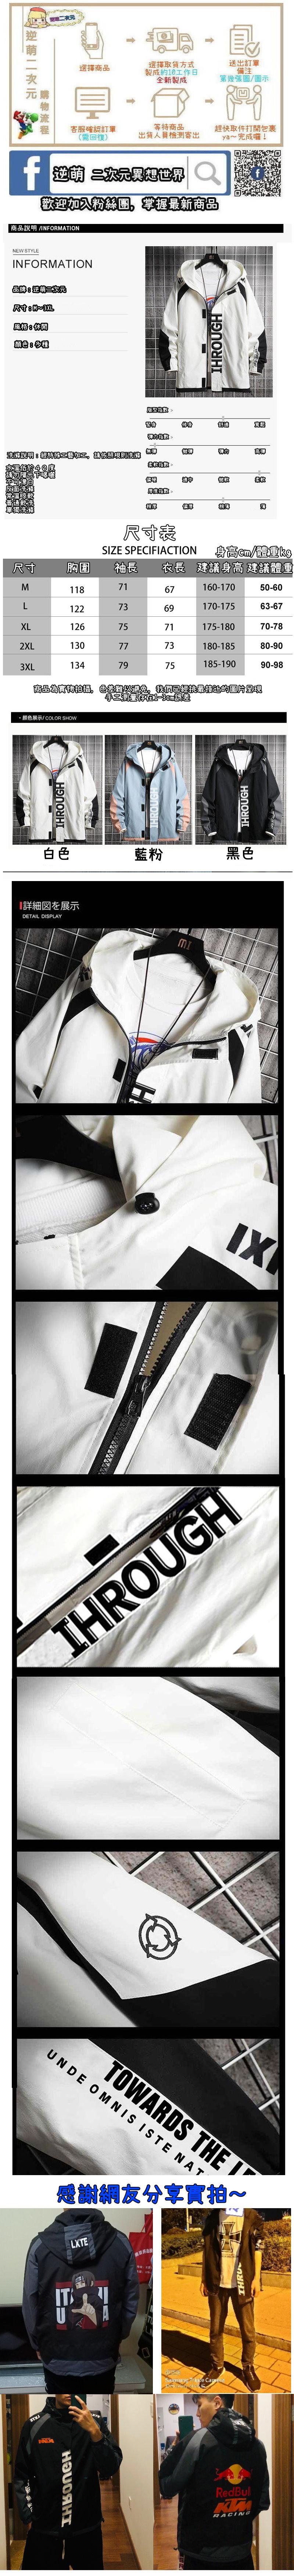 【逆萌二次元】新款實體照 ROG玩家共和國ASUS華碩品牌敗家之眼顯示卡1♥連帽防風衣帽T外套男女♥夾克修身擋風衝鋒CB